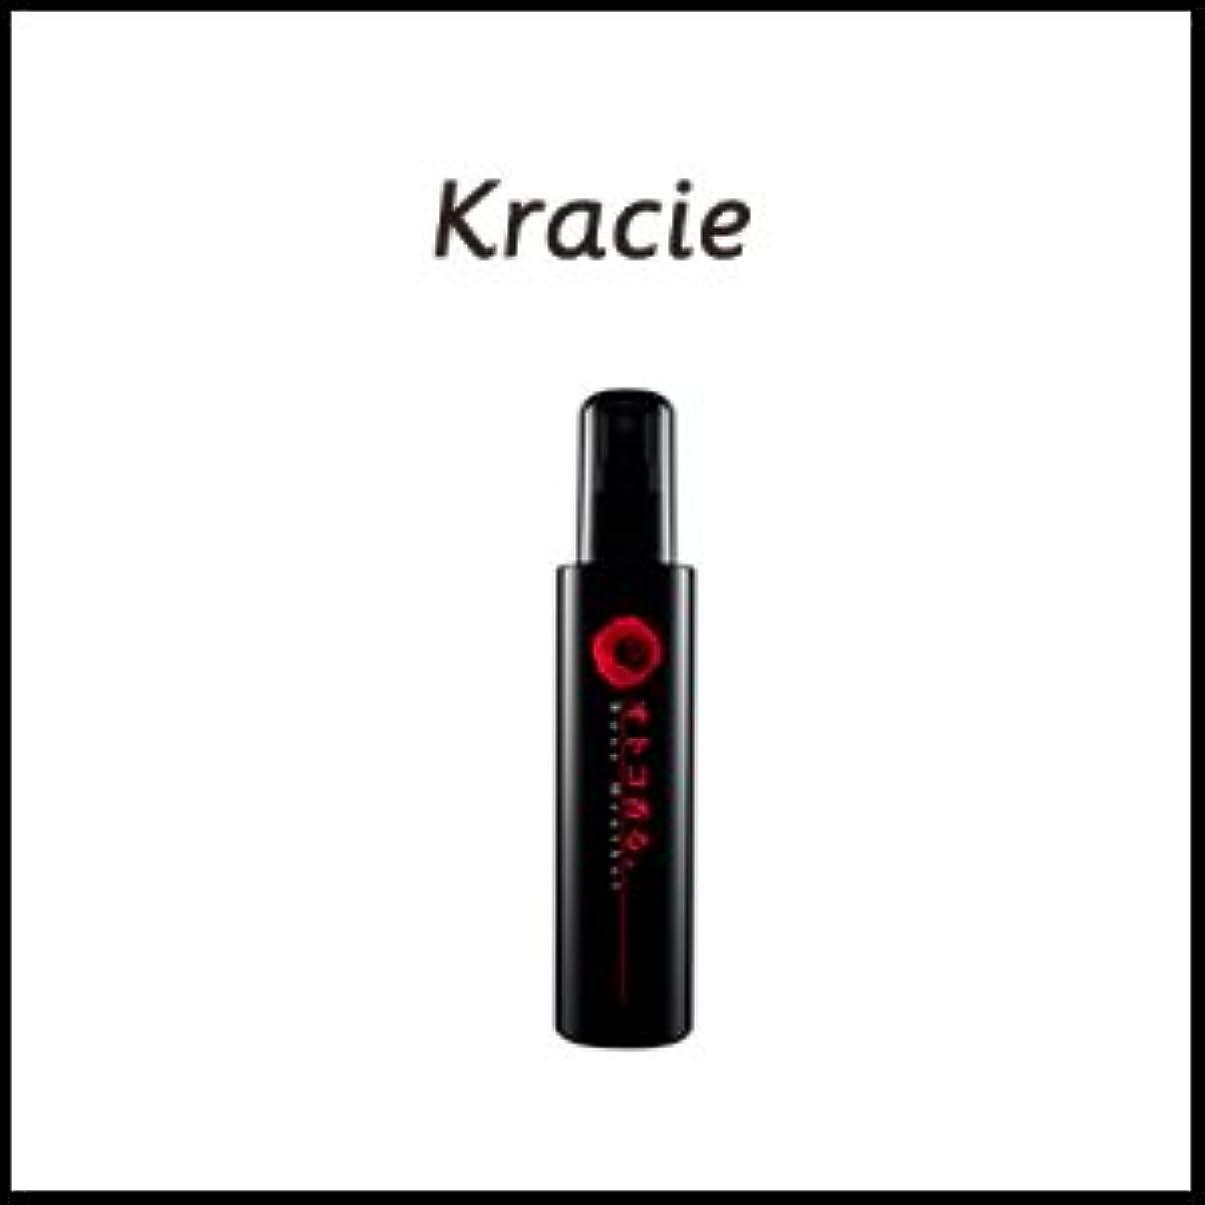 傷つきやすいバーベキュービーム【X2個セット】 クラシエ オトコ香る トニック(レッドローズ) 150ml 容器入り